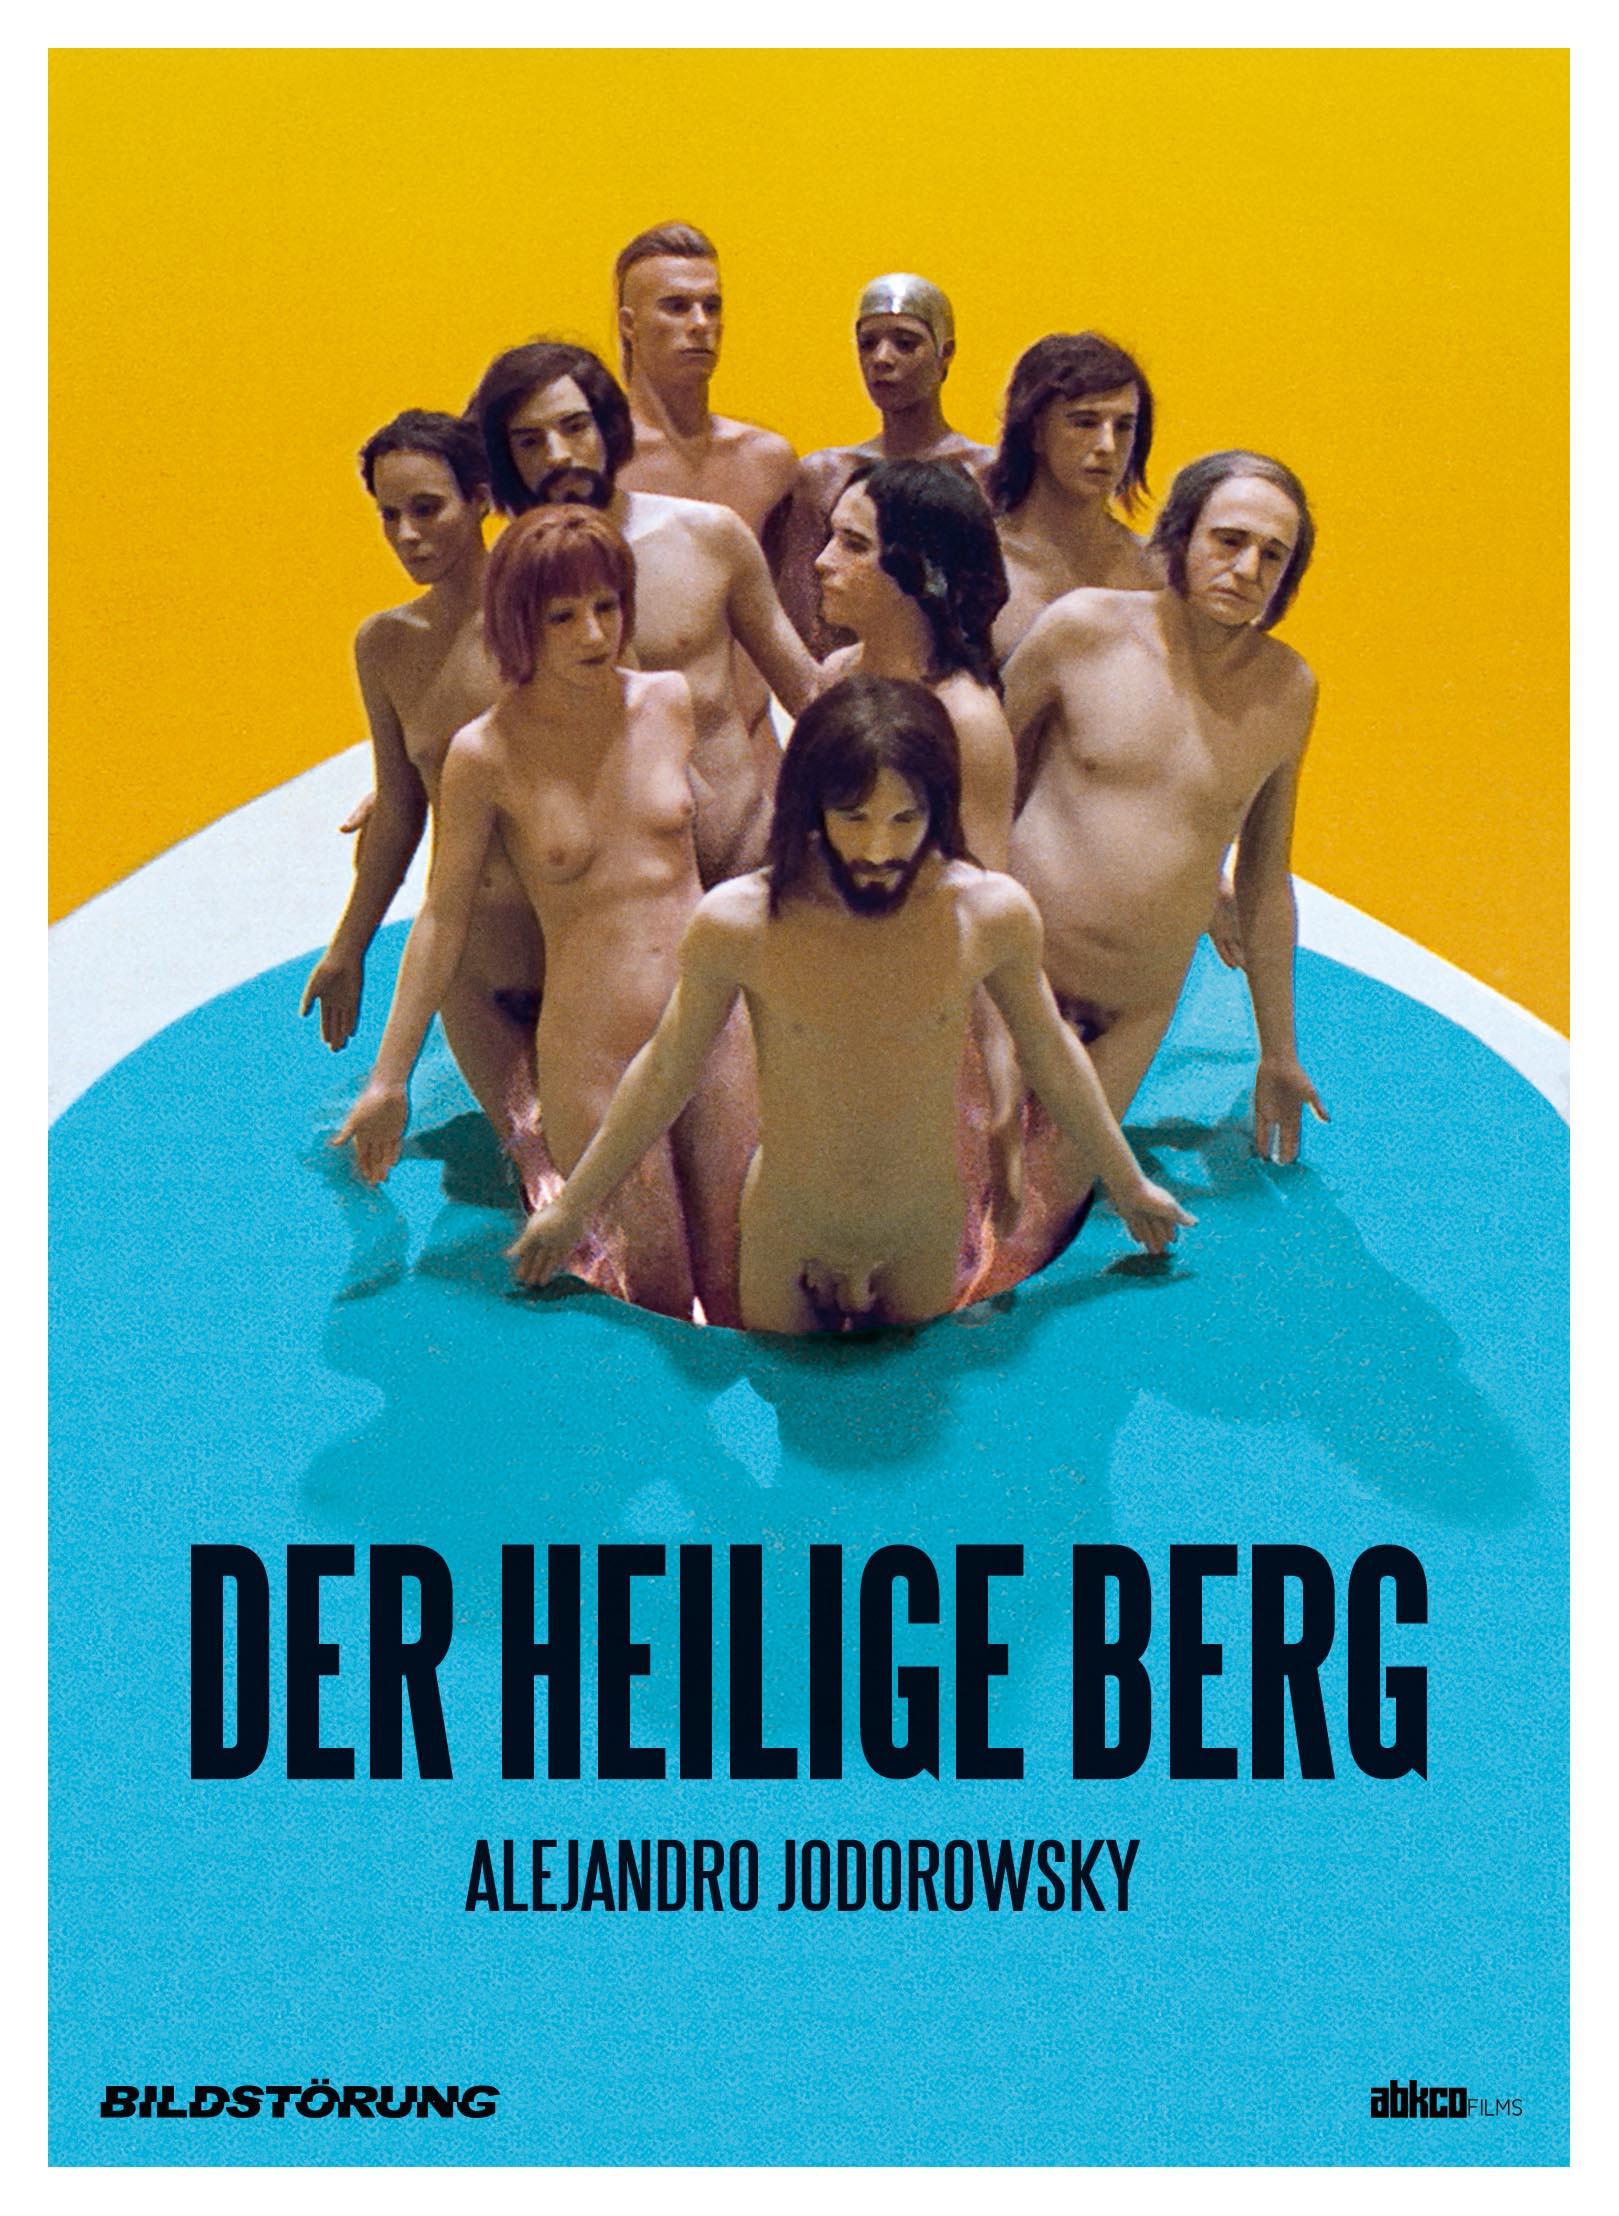 DER HEILIGE BERG